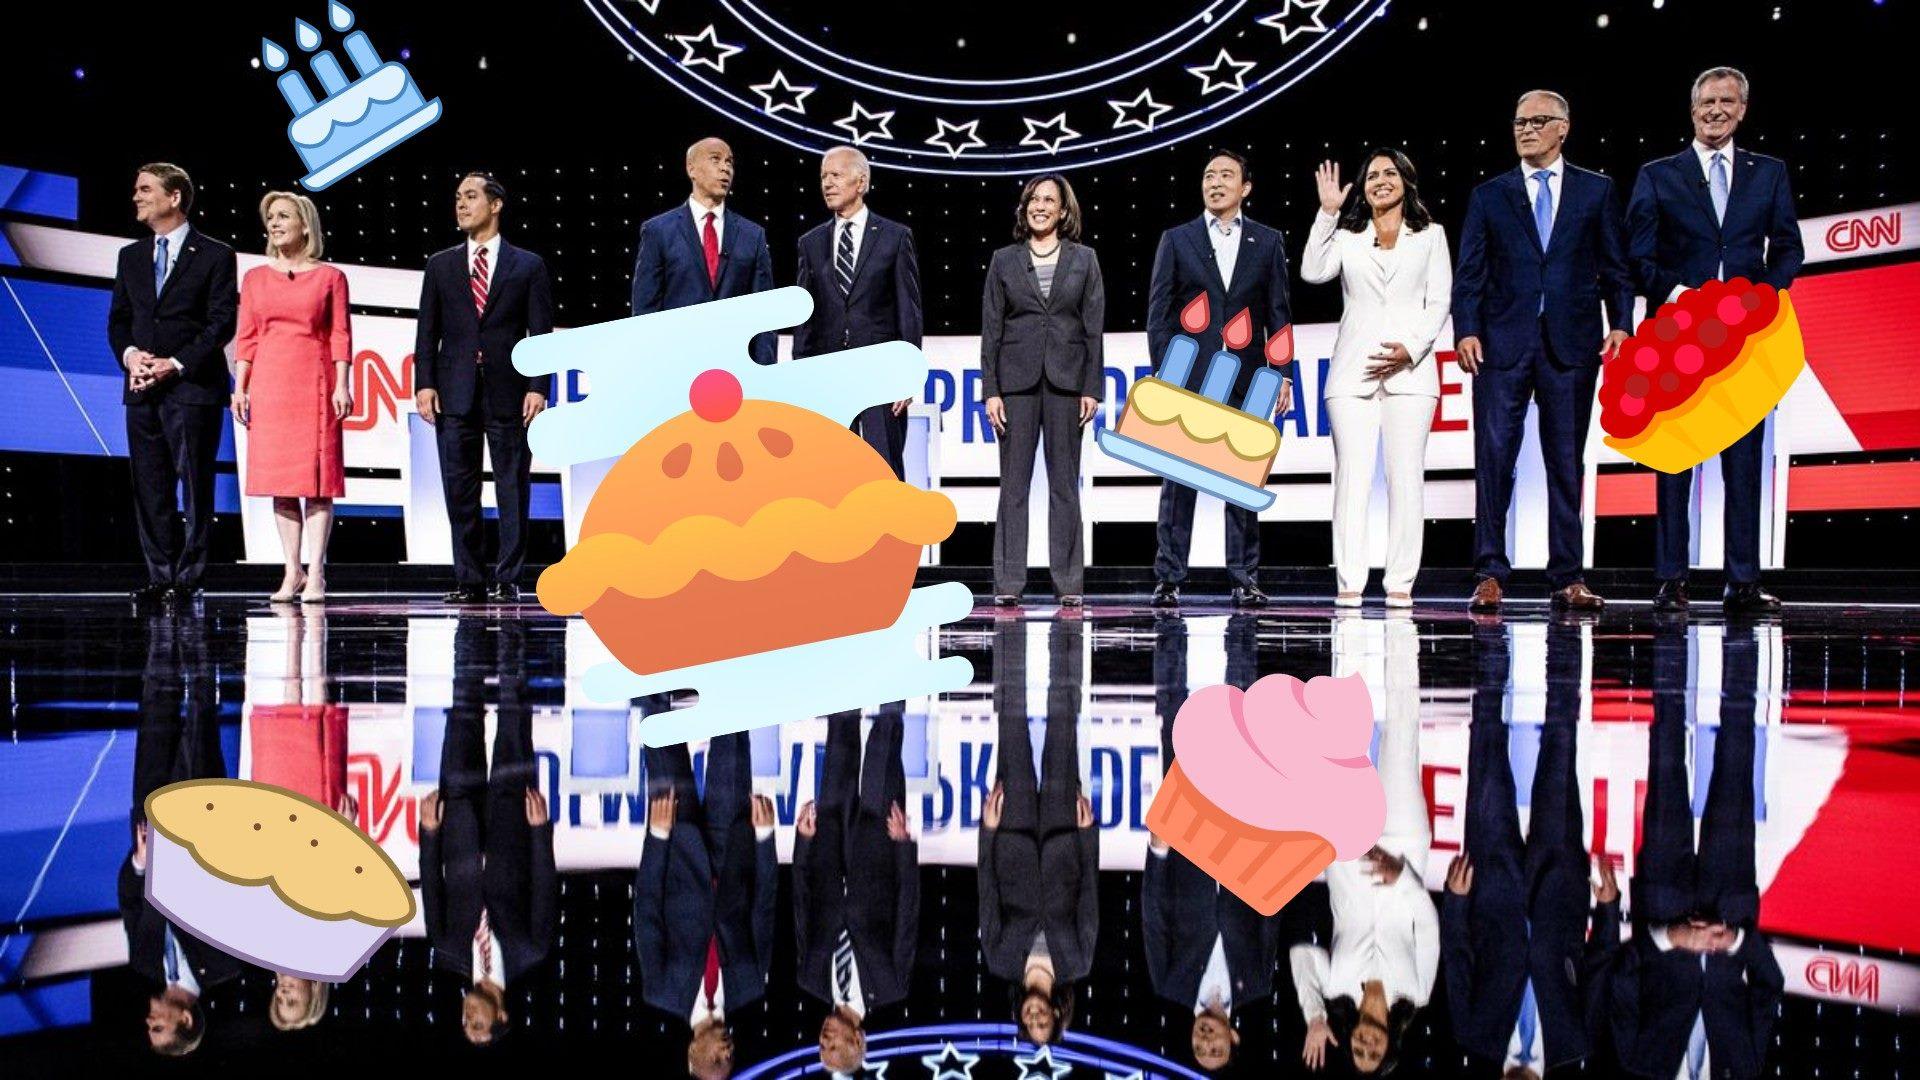 9/12 – BYOBg Democratic Debate Watch Party